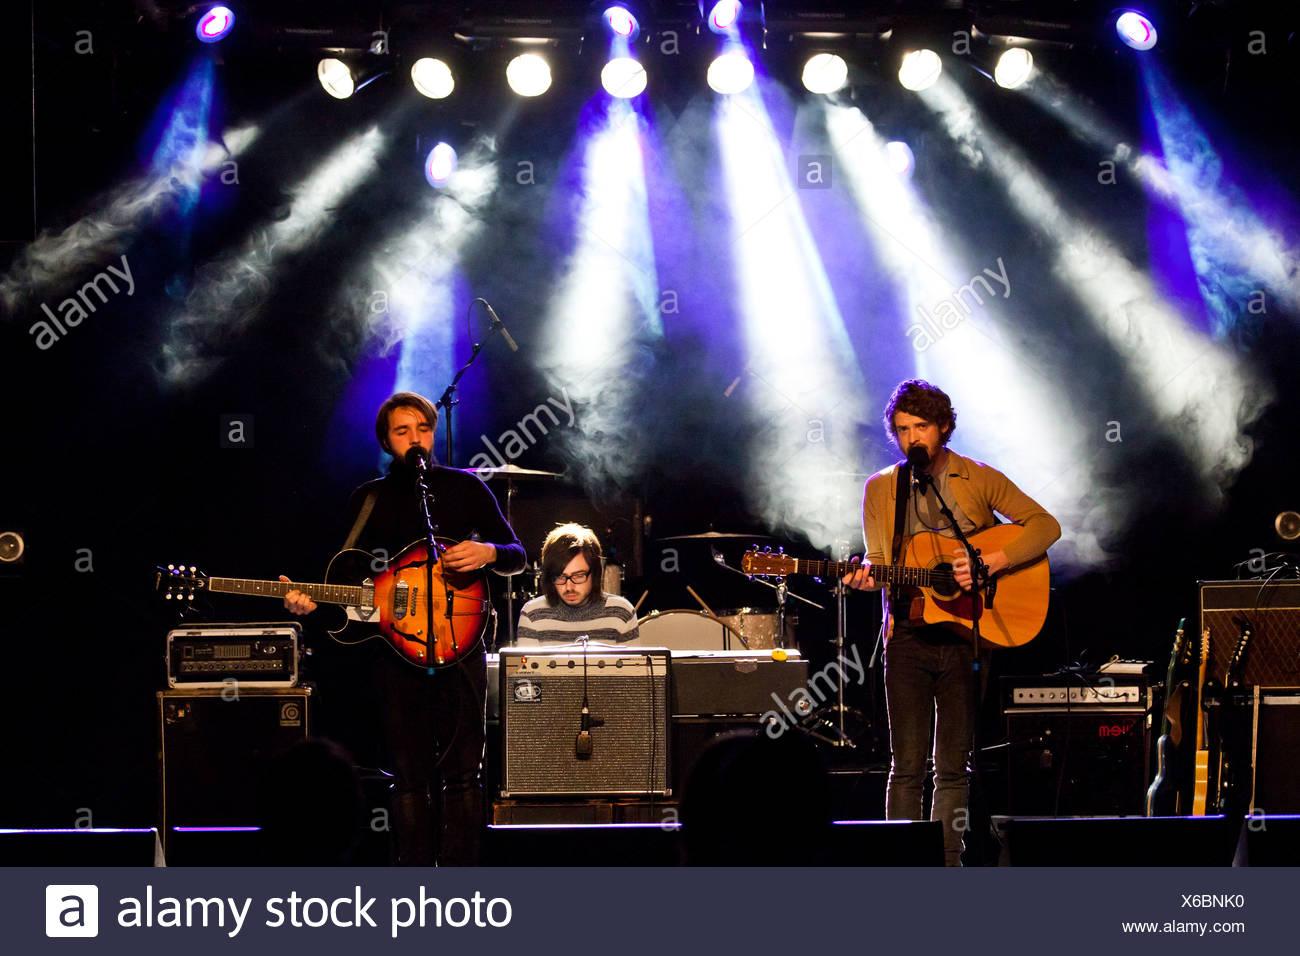 Britischen alternative-Pop und Rock band Goldheart Assembly, die live im Konzertsaal Schueuer, Luzern, Schweiz Stockbild